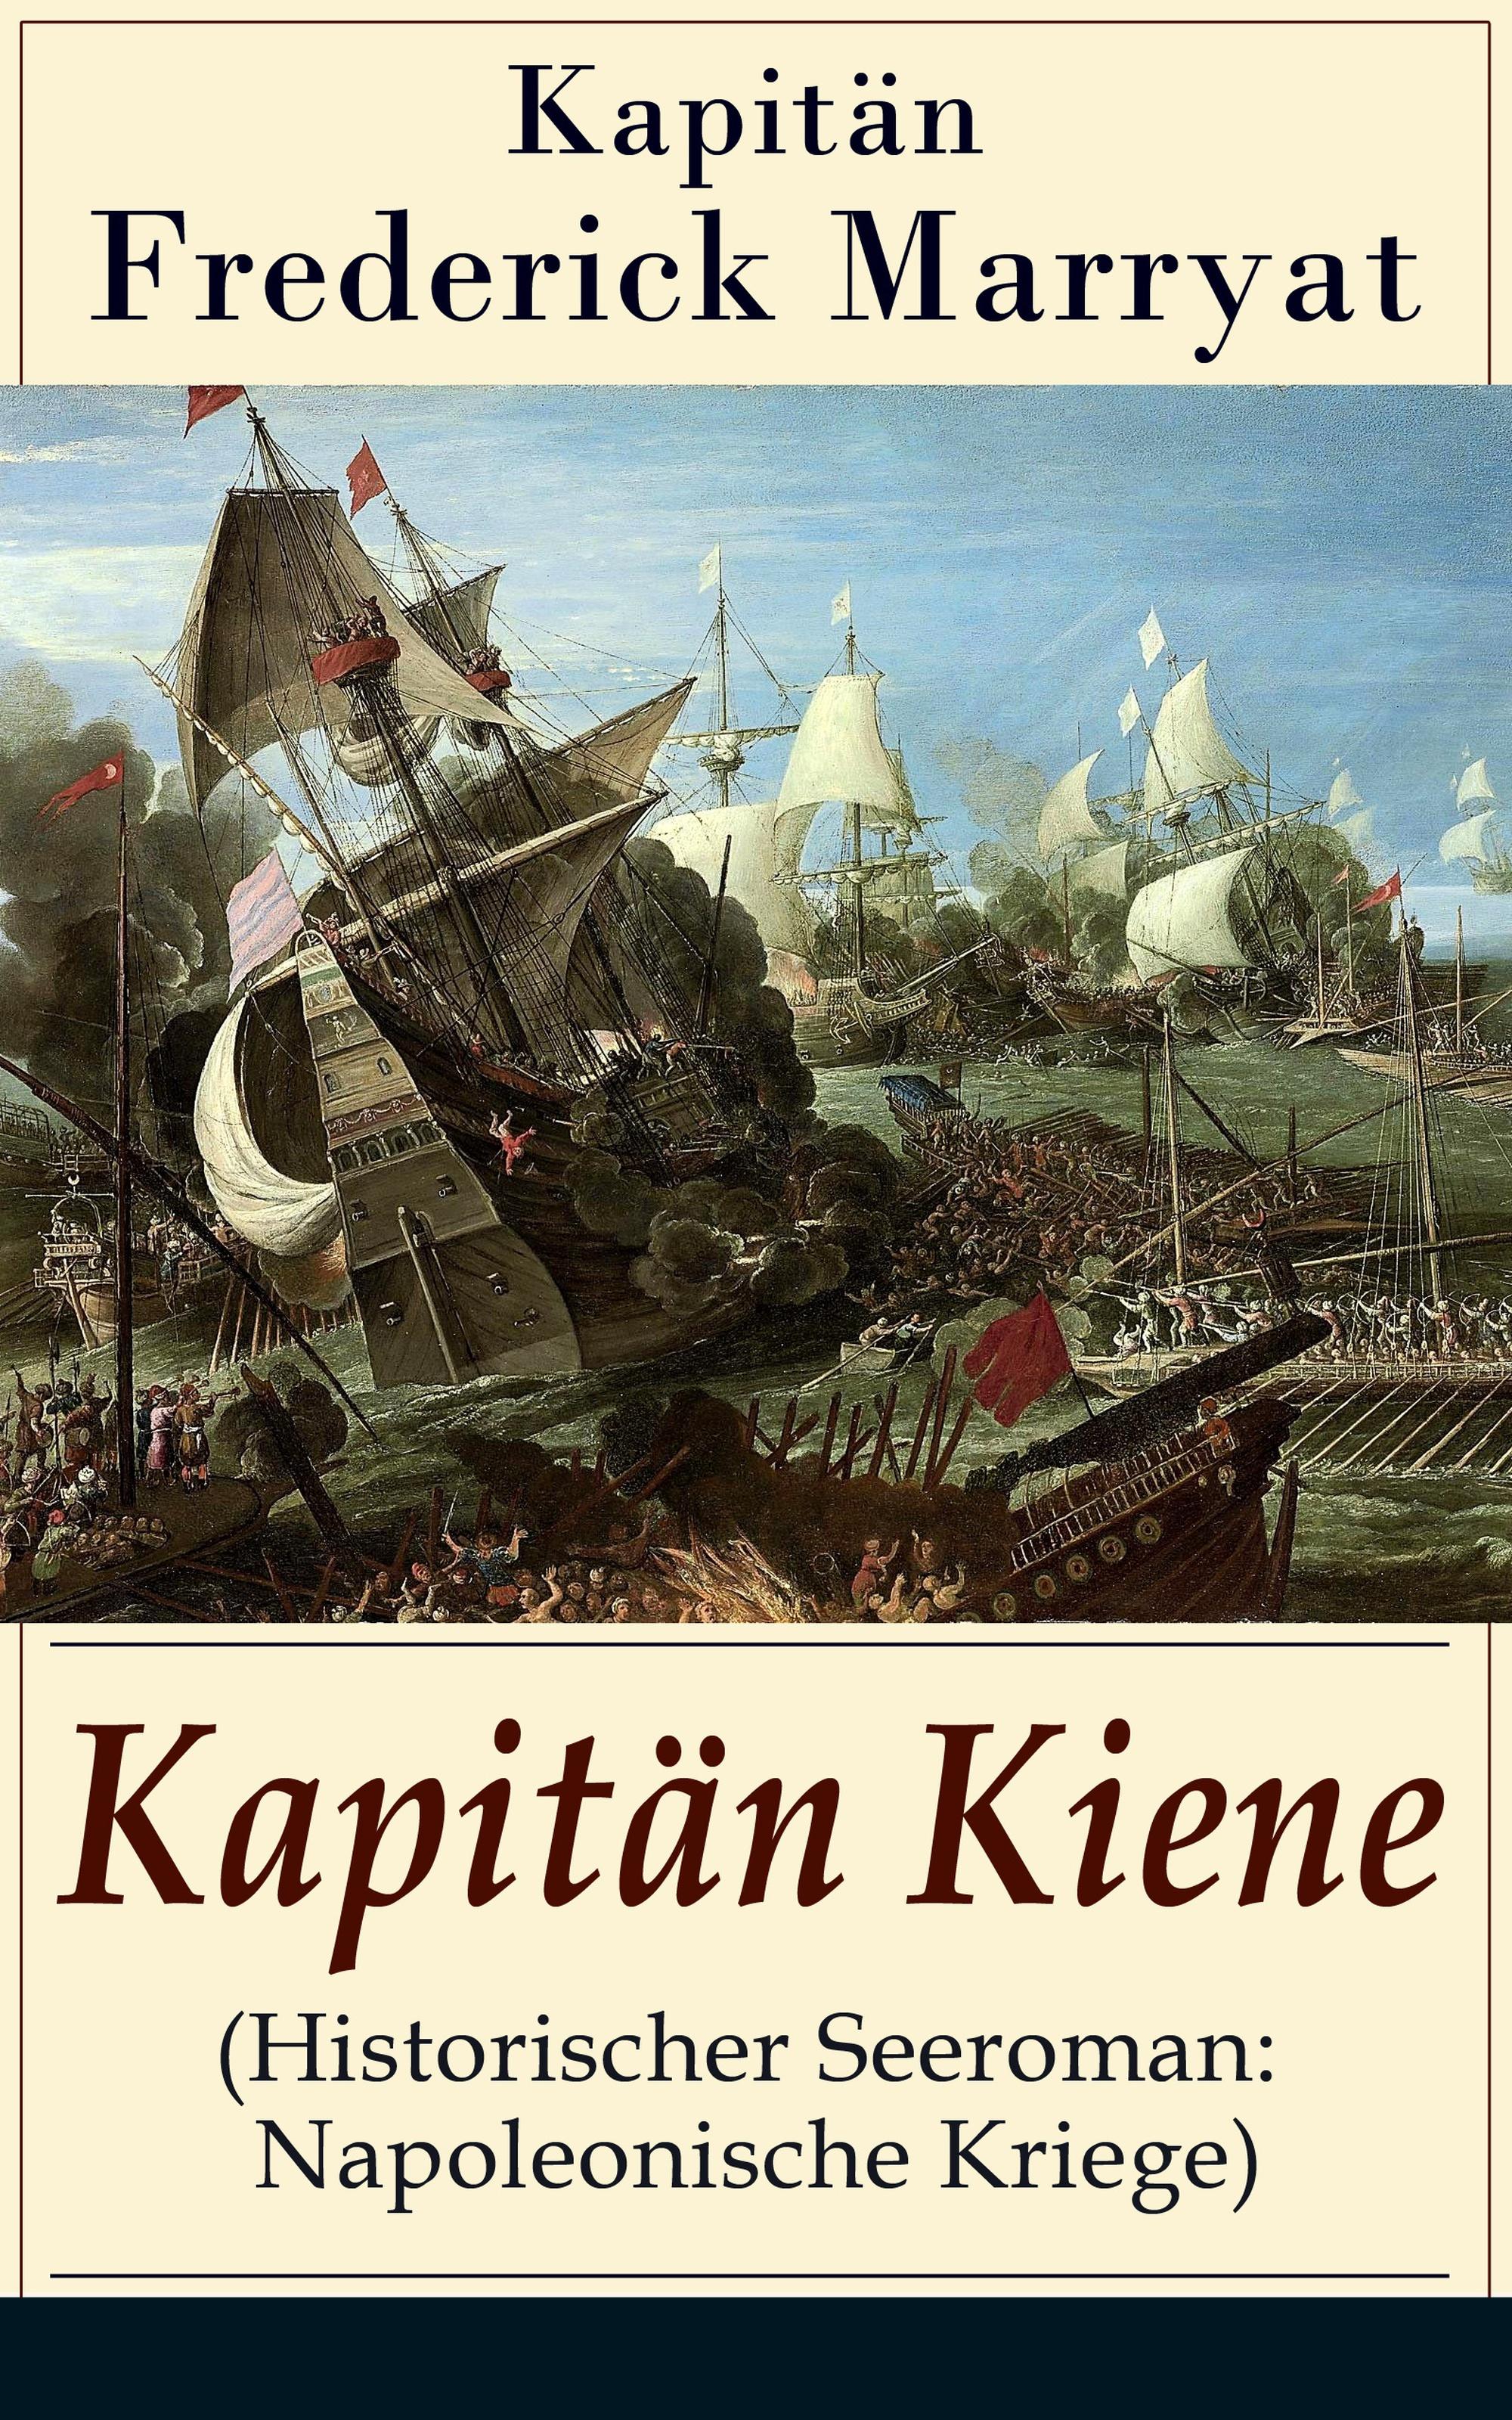 Kapitän Frederick Marryat Kapitän Kiene (Historischer Seeroman: Napoleonische Kriege)